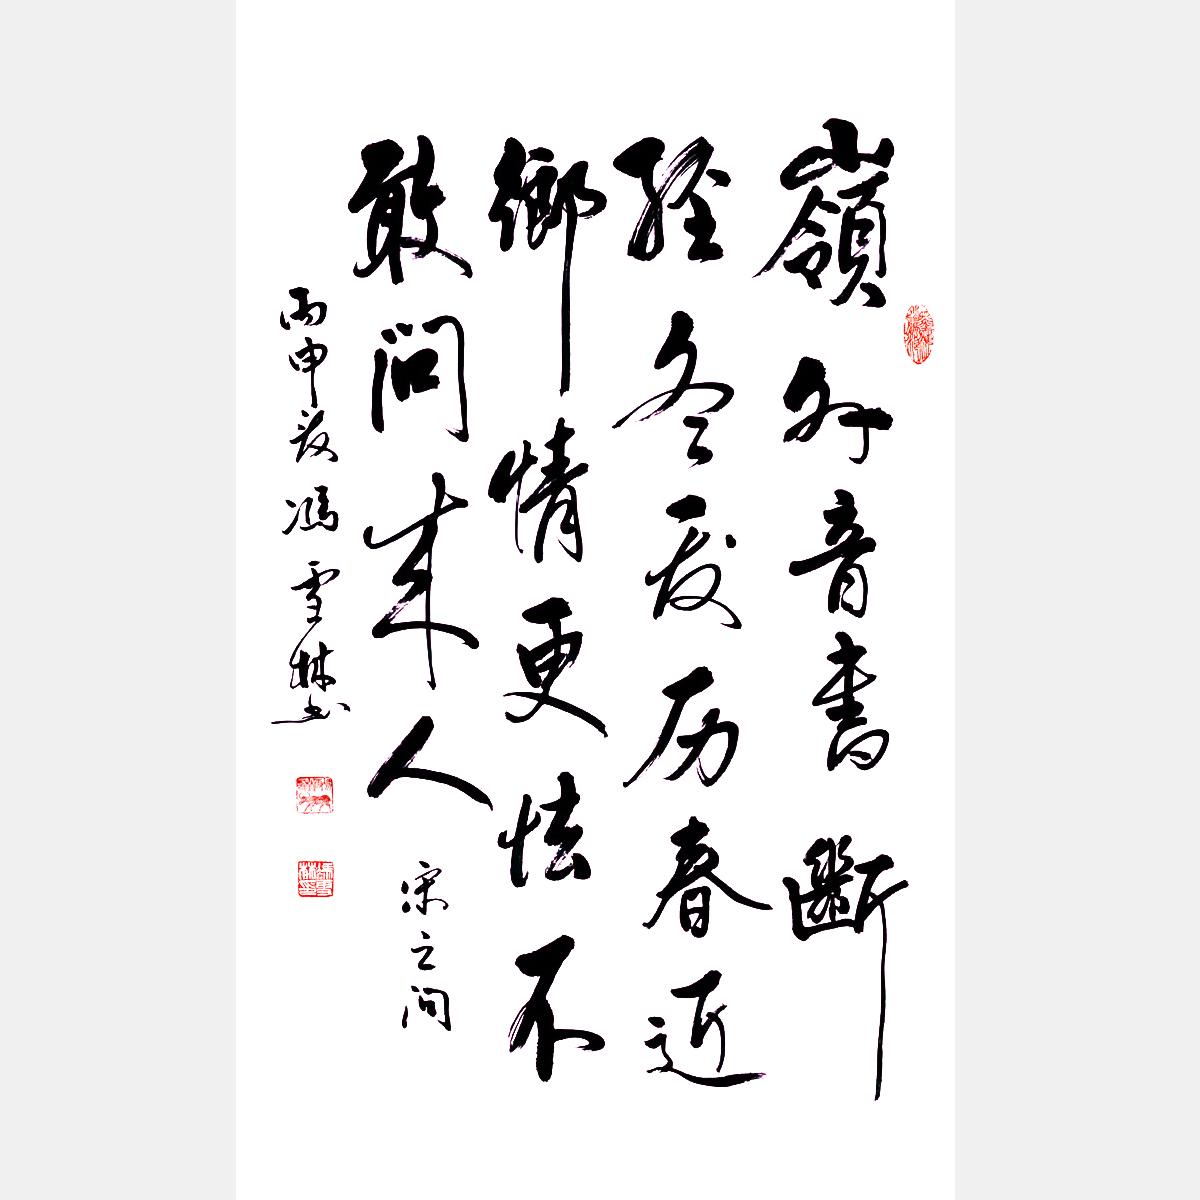 冯雪林行书作品 竖幅 宋之问《渡汉江》 思乡情切